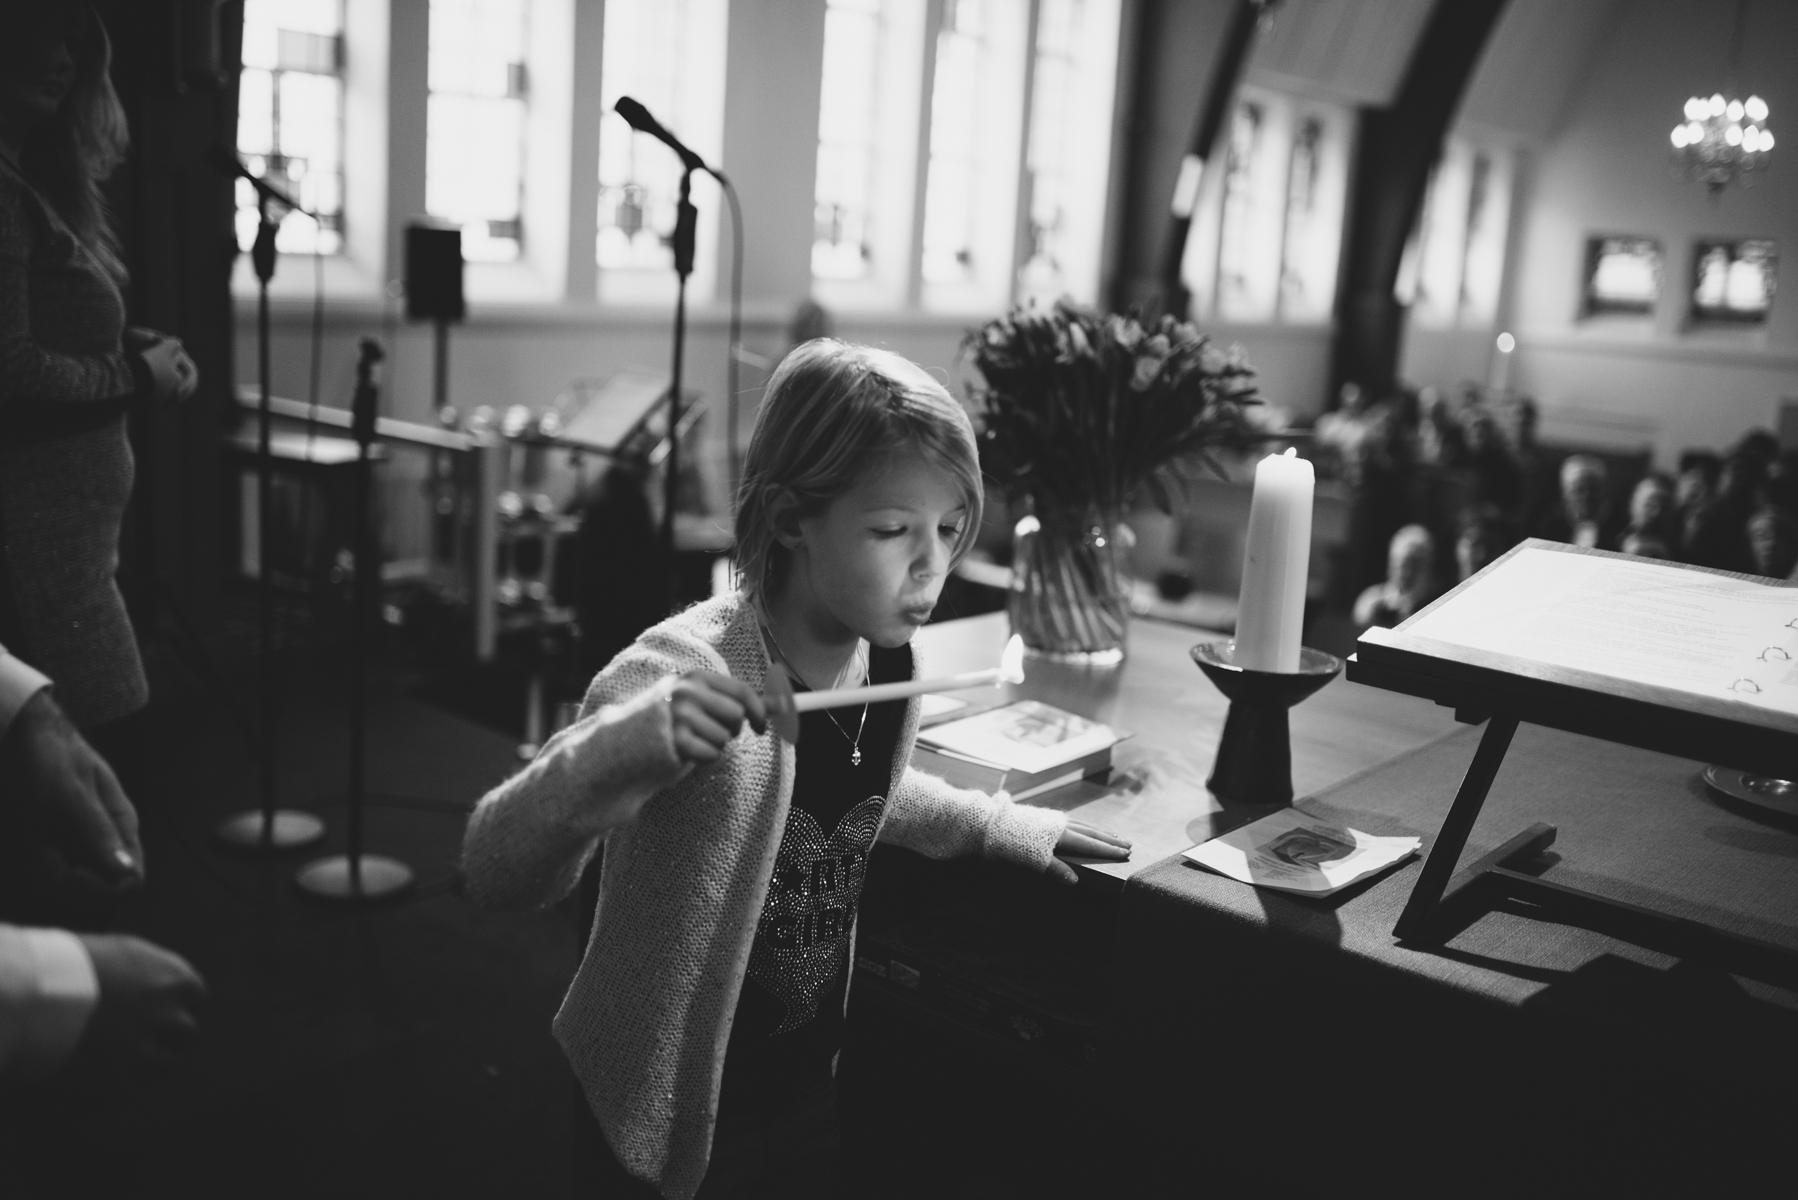 Fotografie van doop, belijdenis en trouwdienst van Janine en Arjen (33 van 55)